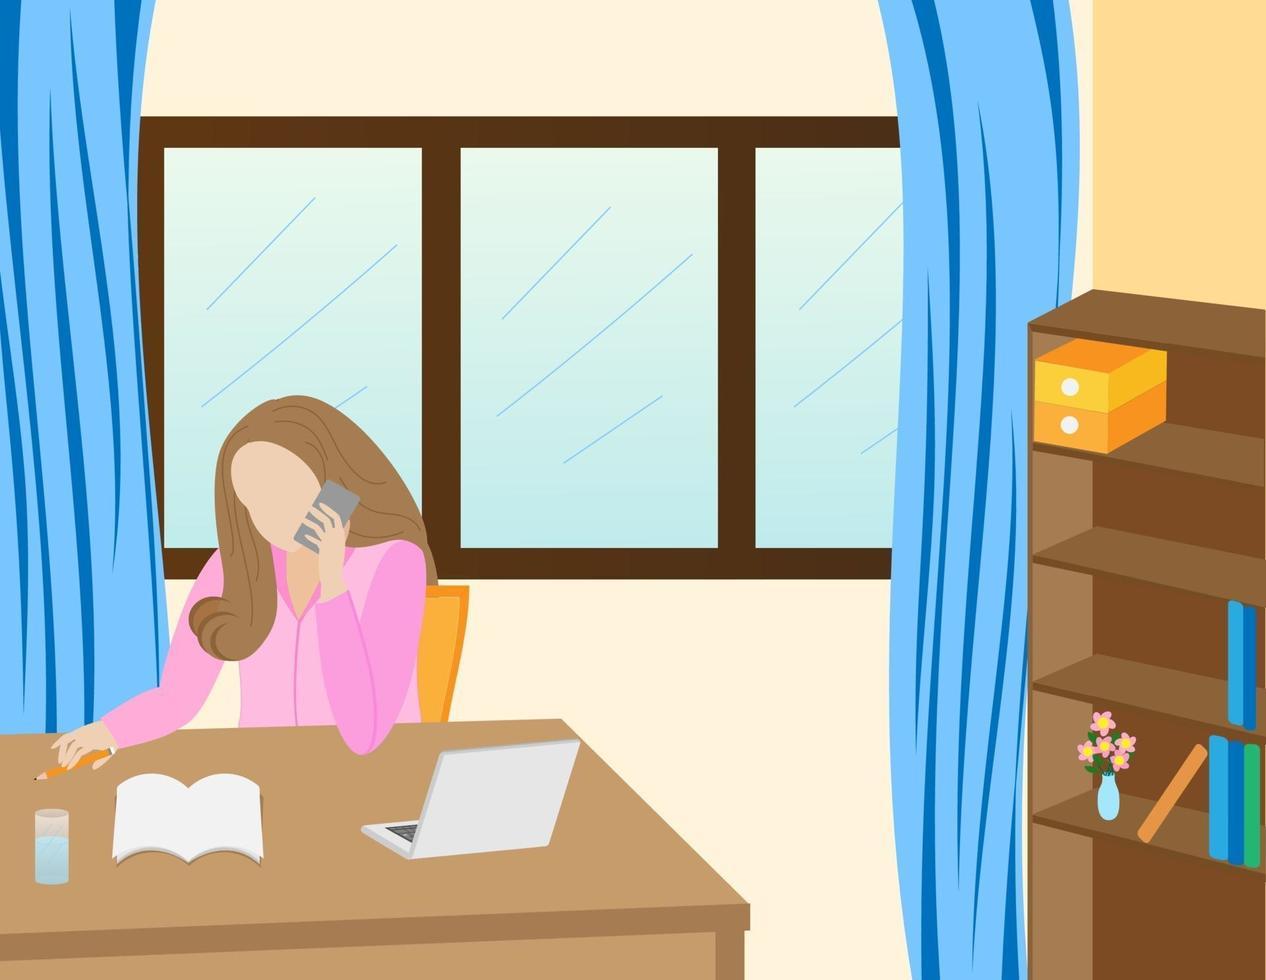 jobba var som helst. online modern kommunikationsteknik. kvinnor som arbetar på internet via bärbar dator. vara ansluten överallt. frilans, sociala medier. vektor